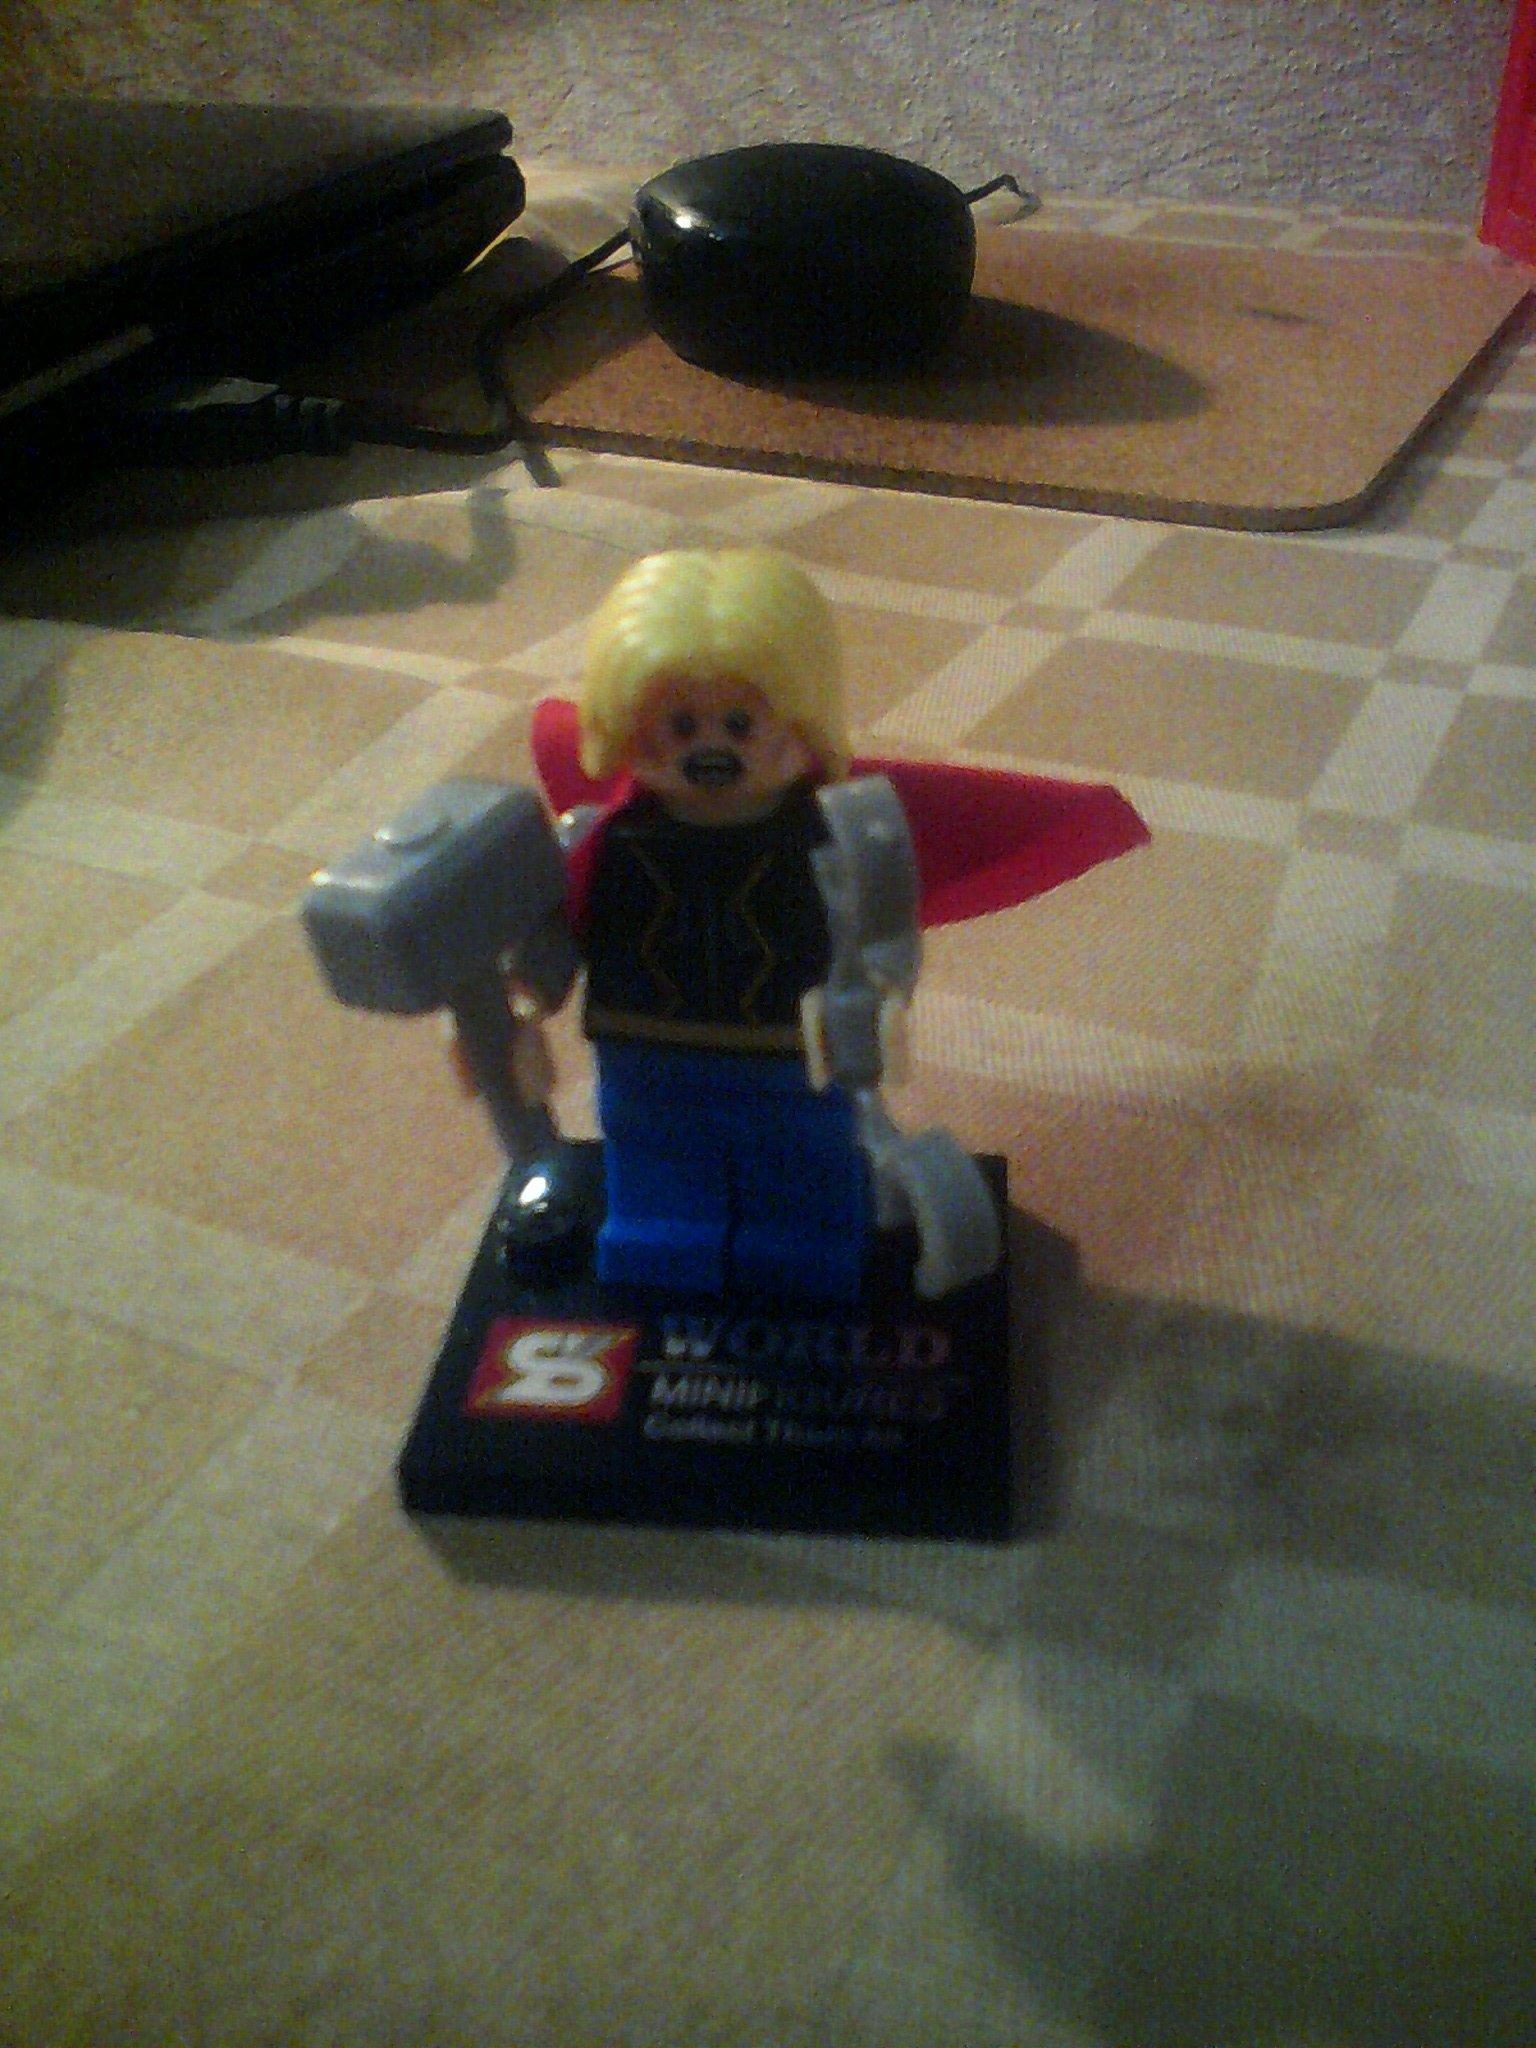 Китайский конструктор Thor Avengers - Изображение 6